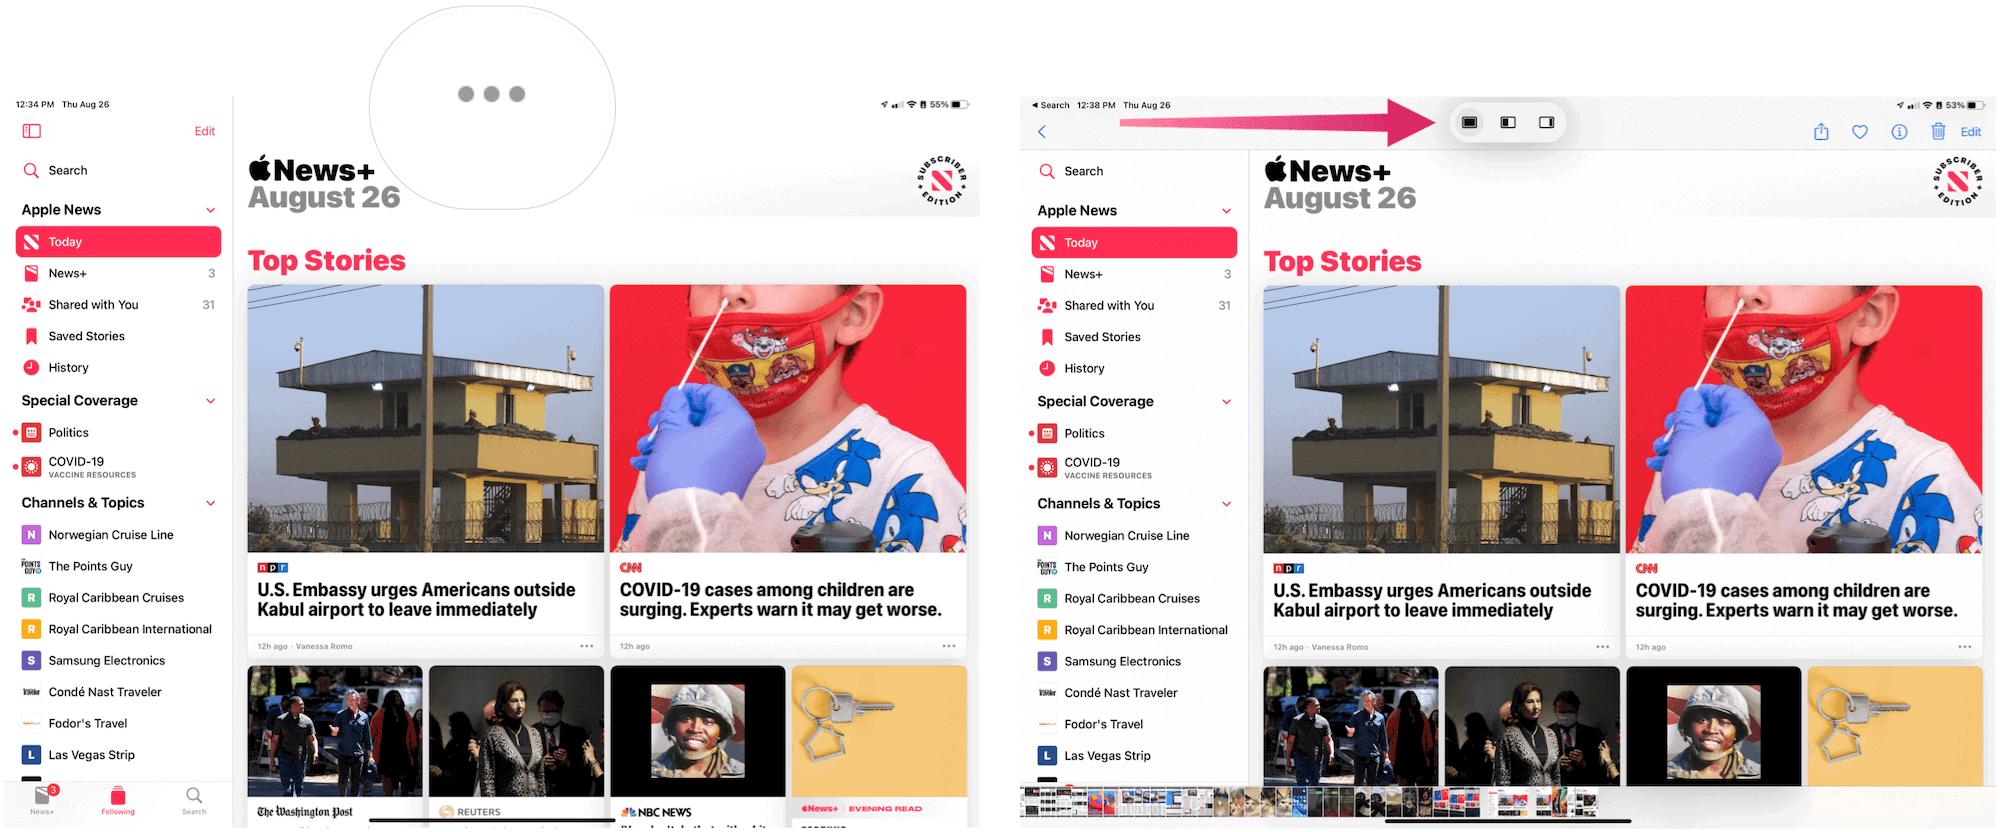 iPadOS 15 multitasking menu